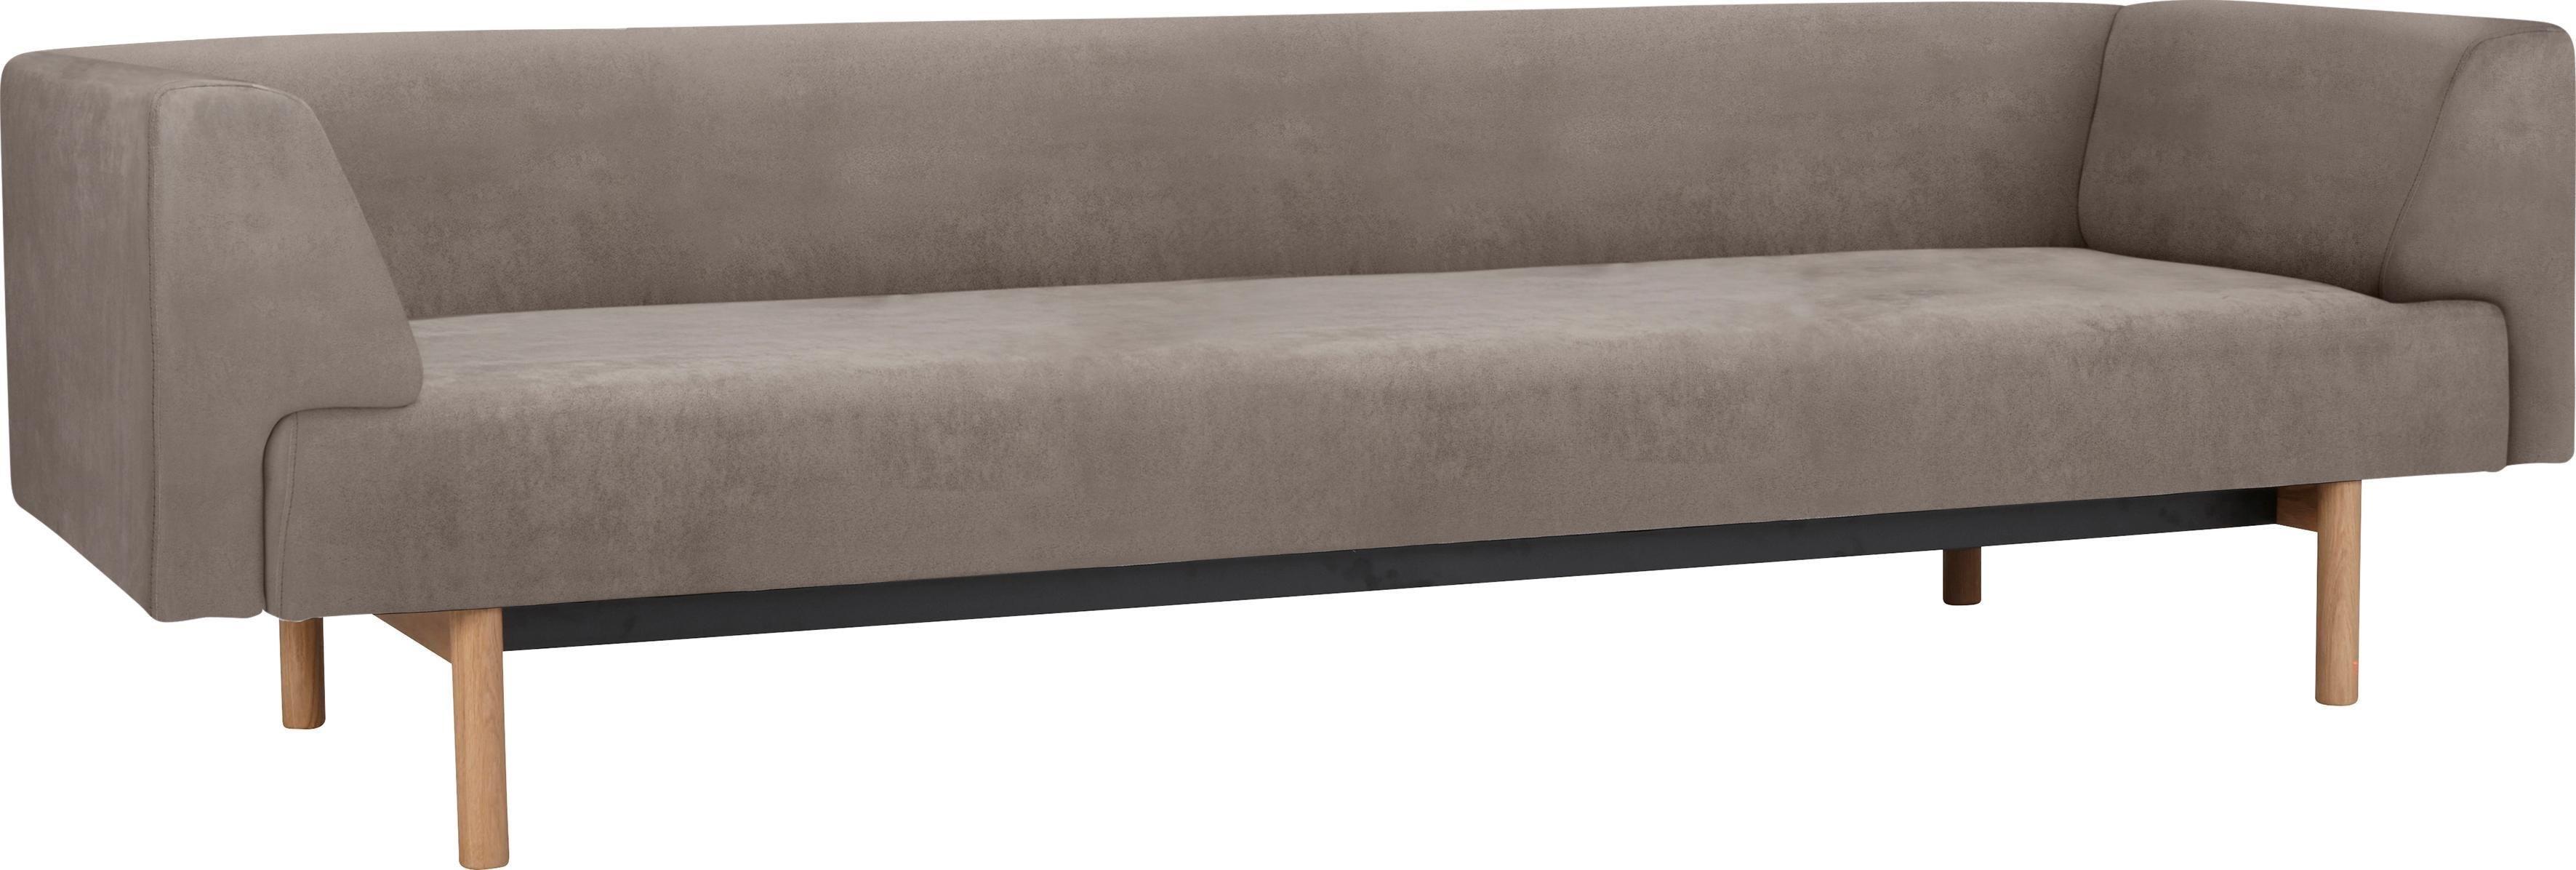 Kragelund 3 Sitzer Ebeltoft K210 Jetzt Bestellen Unter Https Moebel Ladendirekt De Wohnzimmer Sofas 2 Und 3 Sitzer Sofas Uid Ebeltoft Sofas 3 Sitzer Sofa